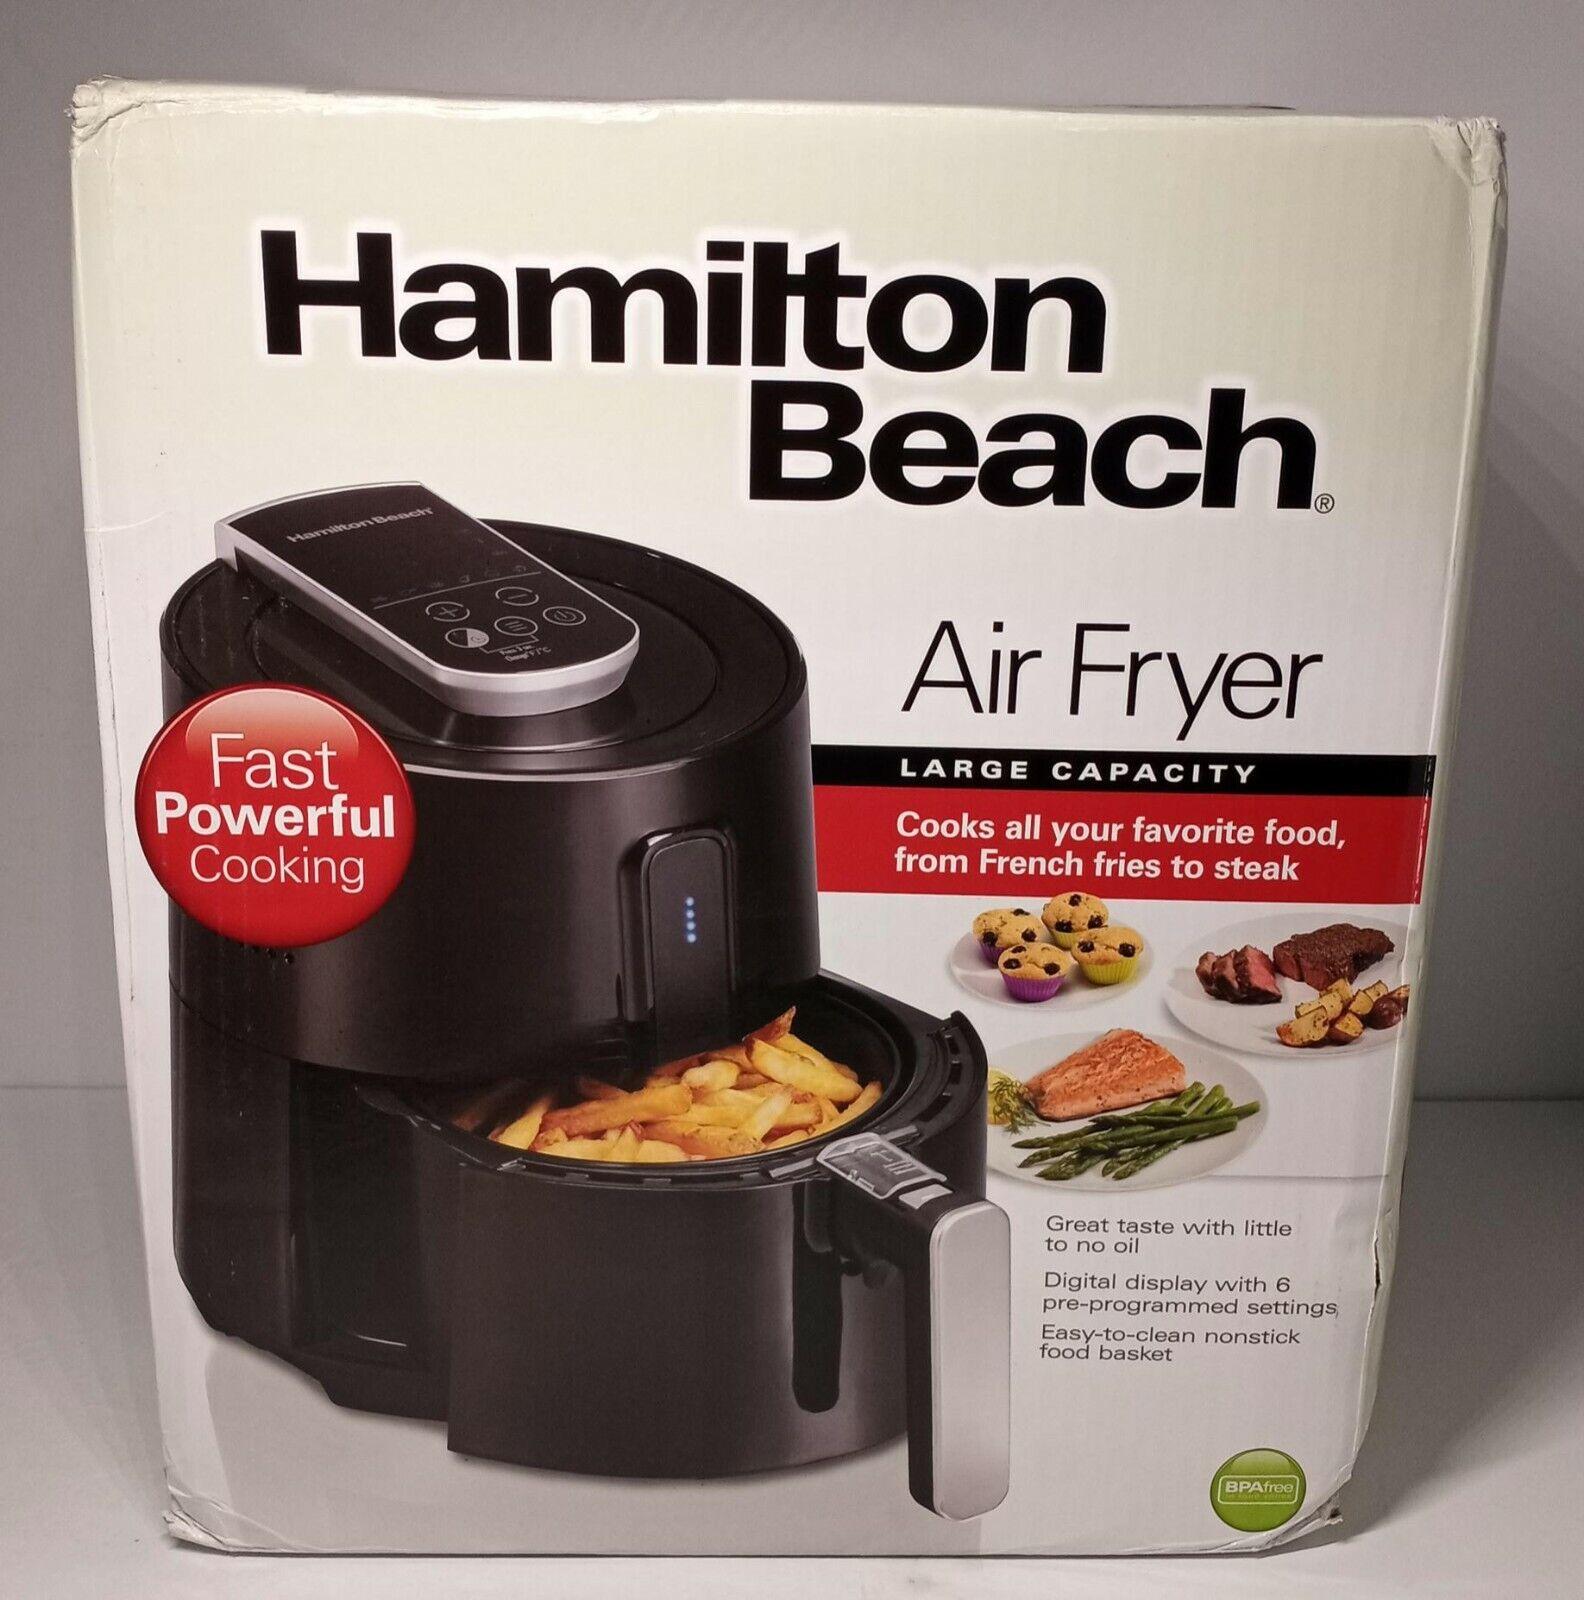 Hamilton Beach Air Fryer Large Capacity 6 settings 35050 - B